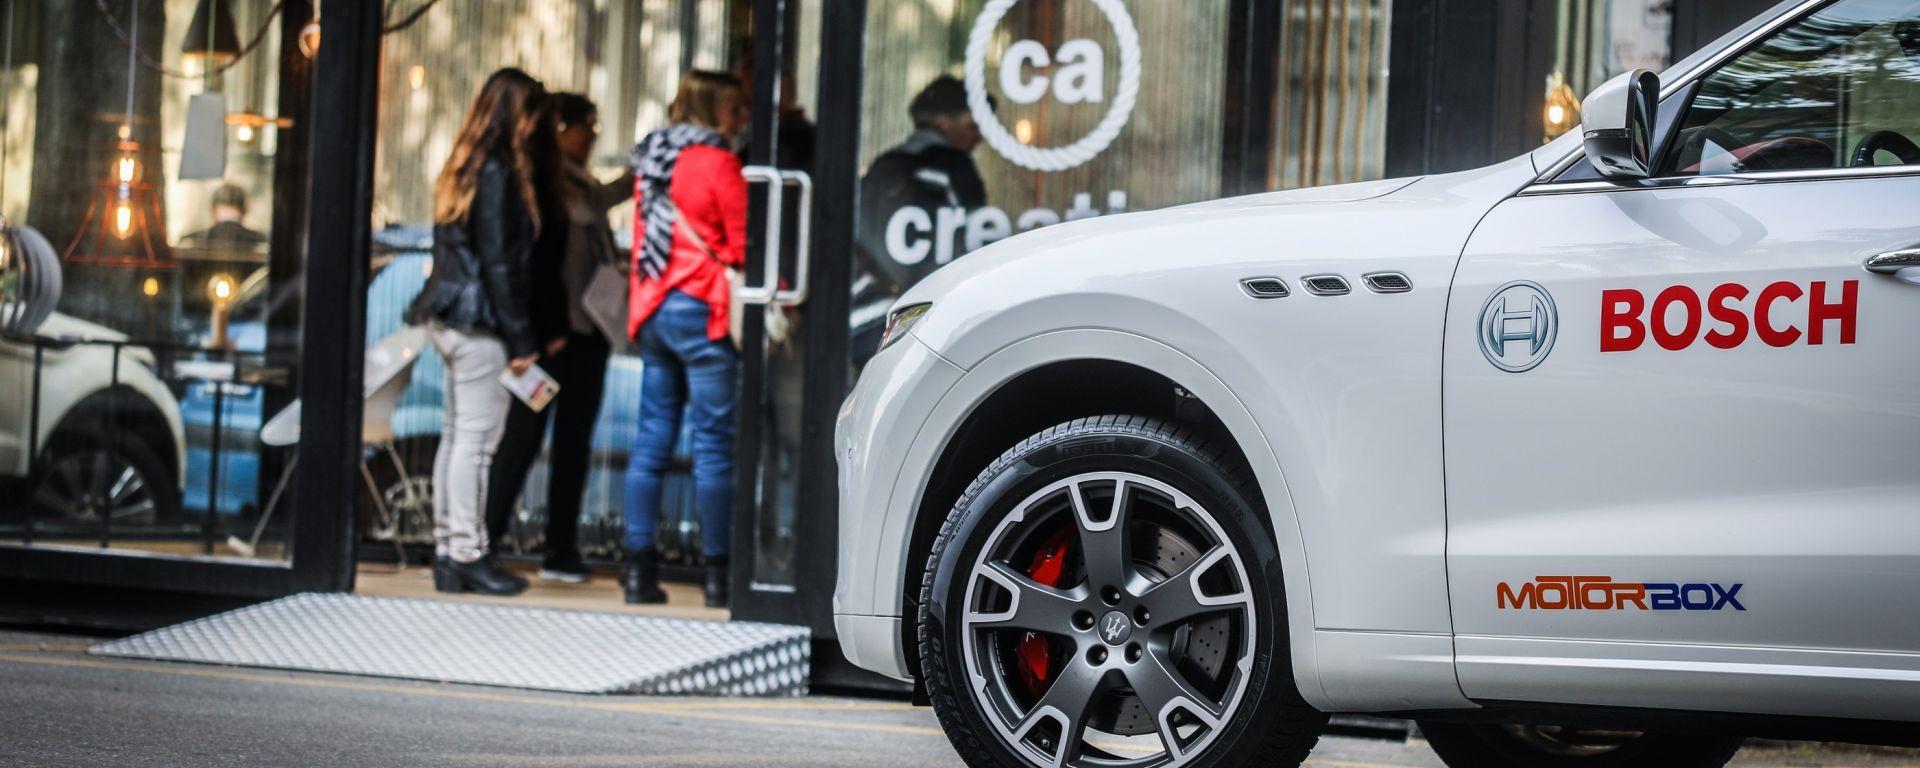 Fuorisalone: a spasso con Bosch e Maserati Levante